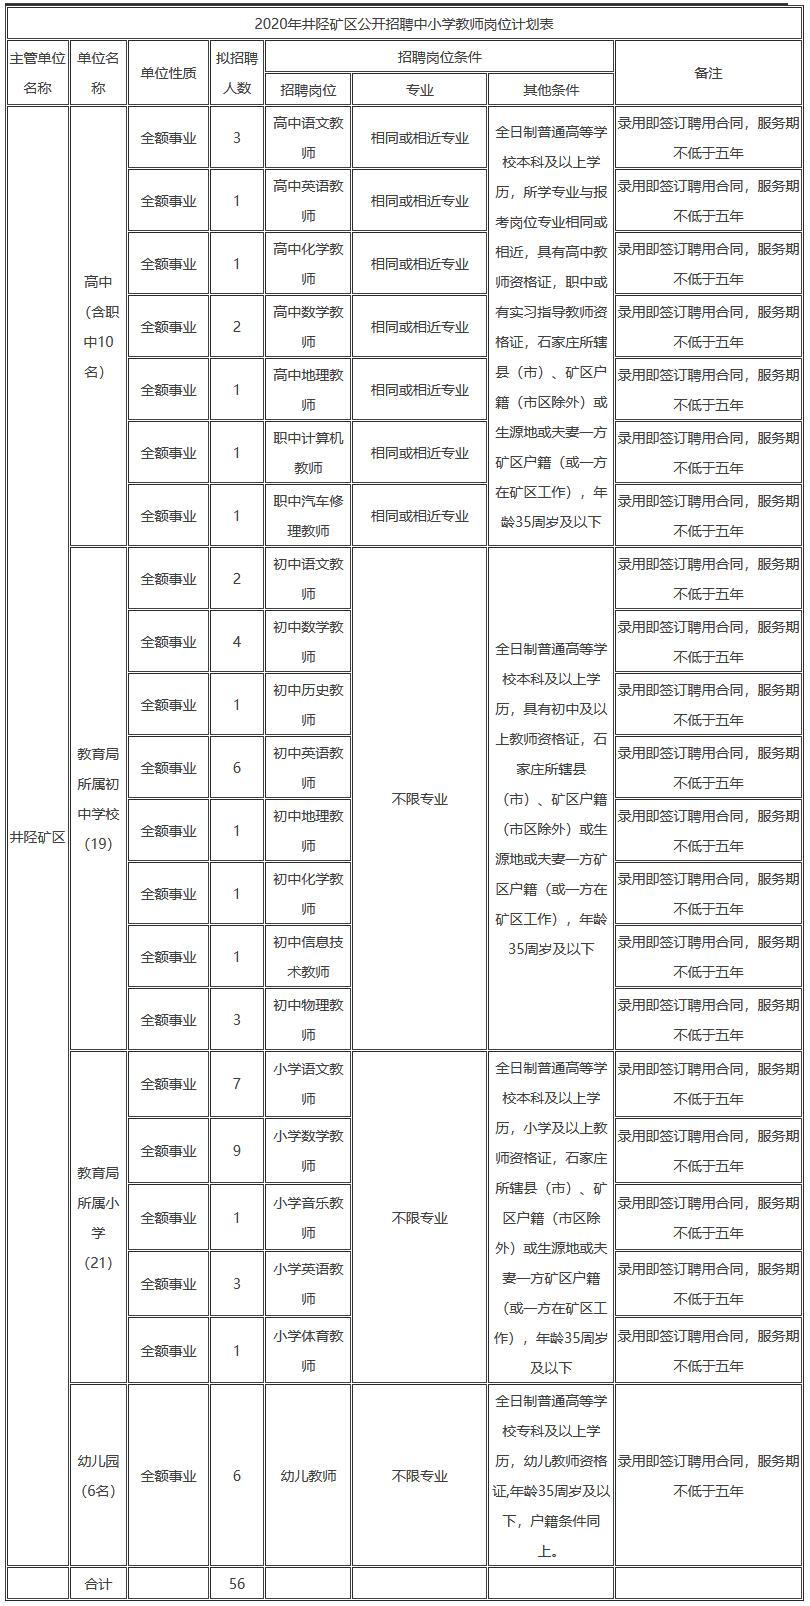 2020年石家庄井陉矿区招聘中小学教师公告